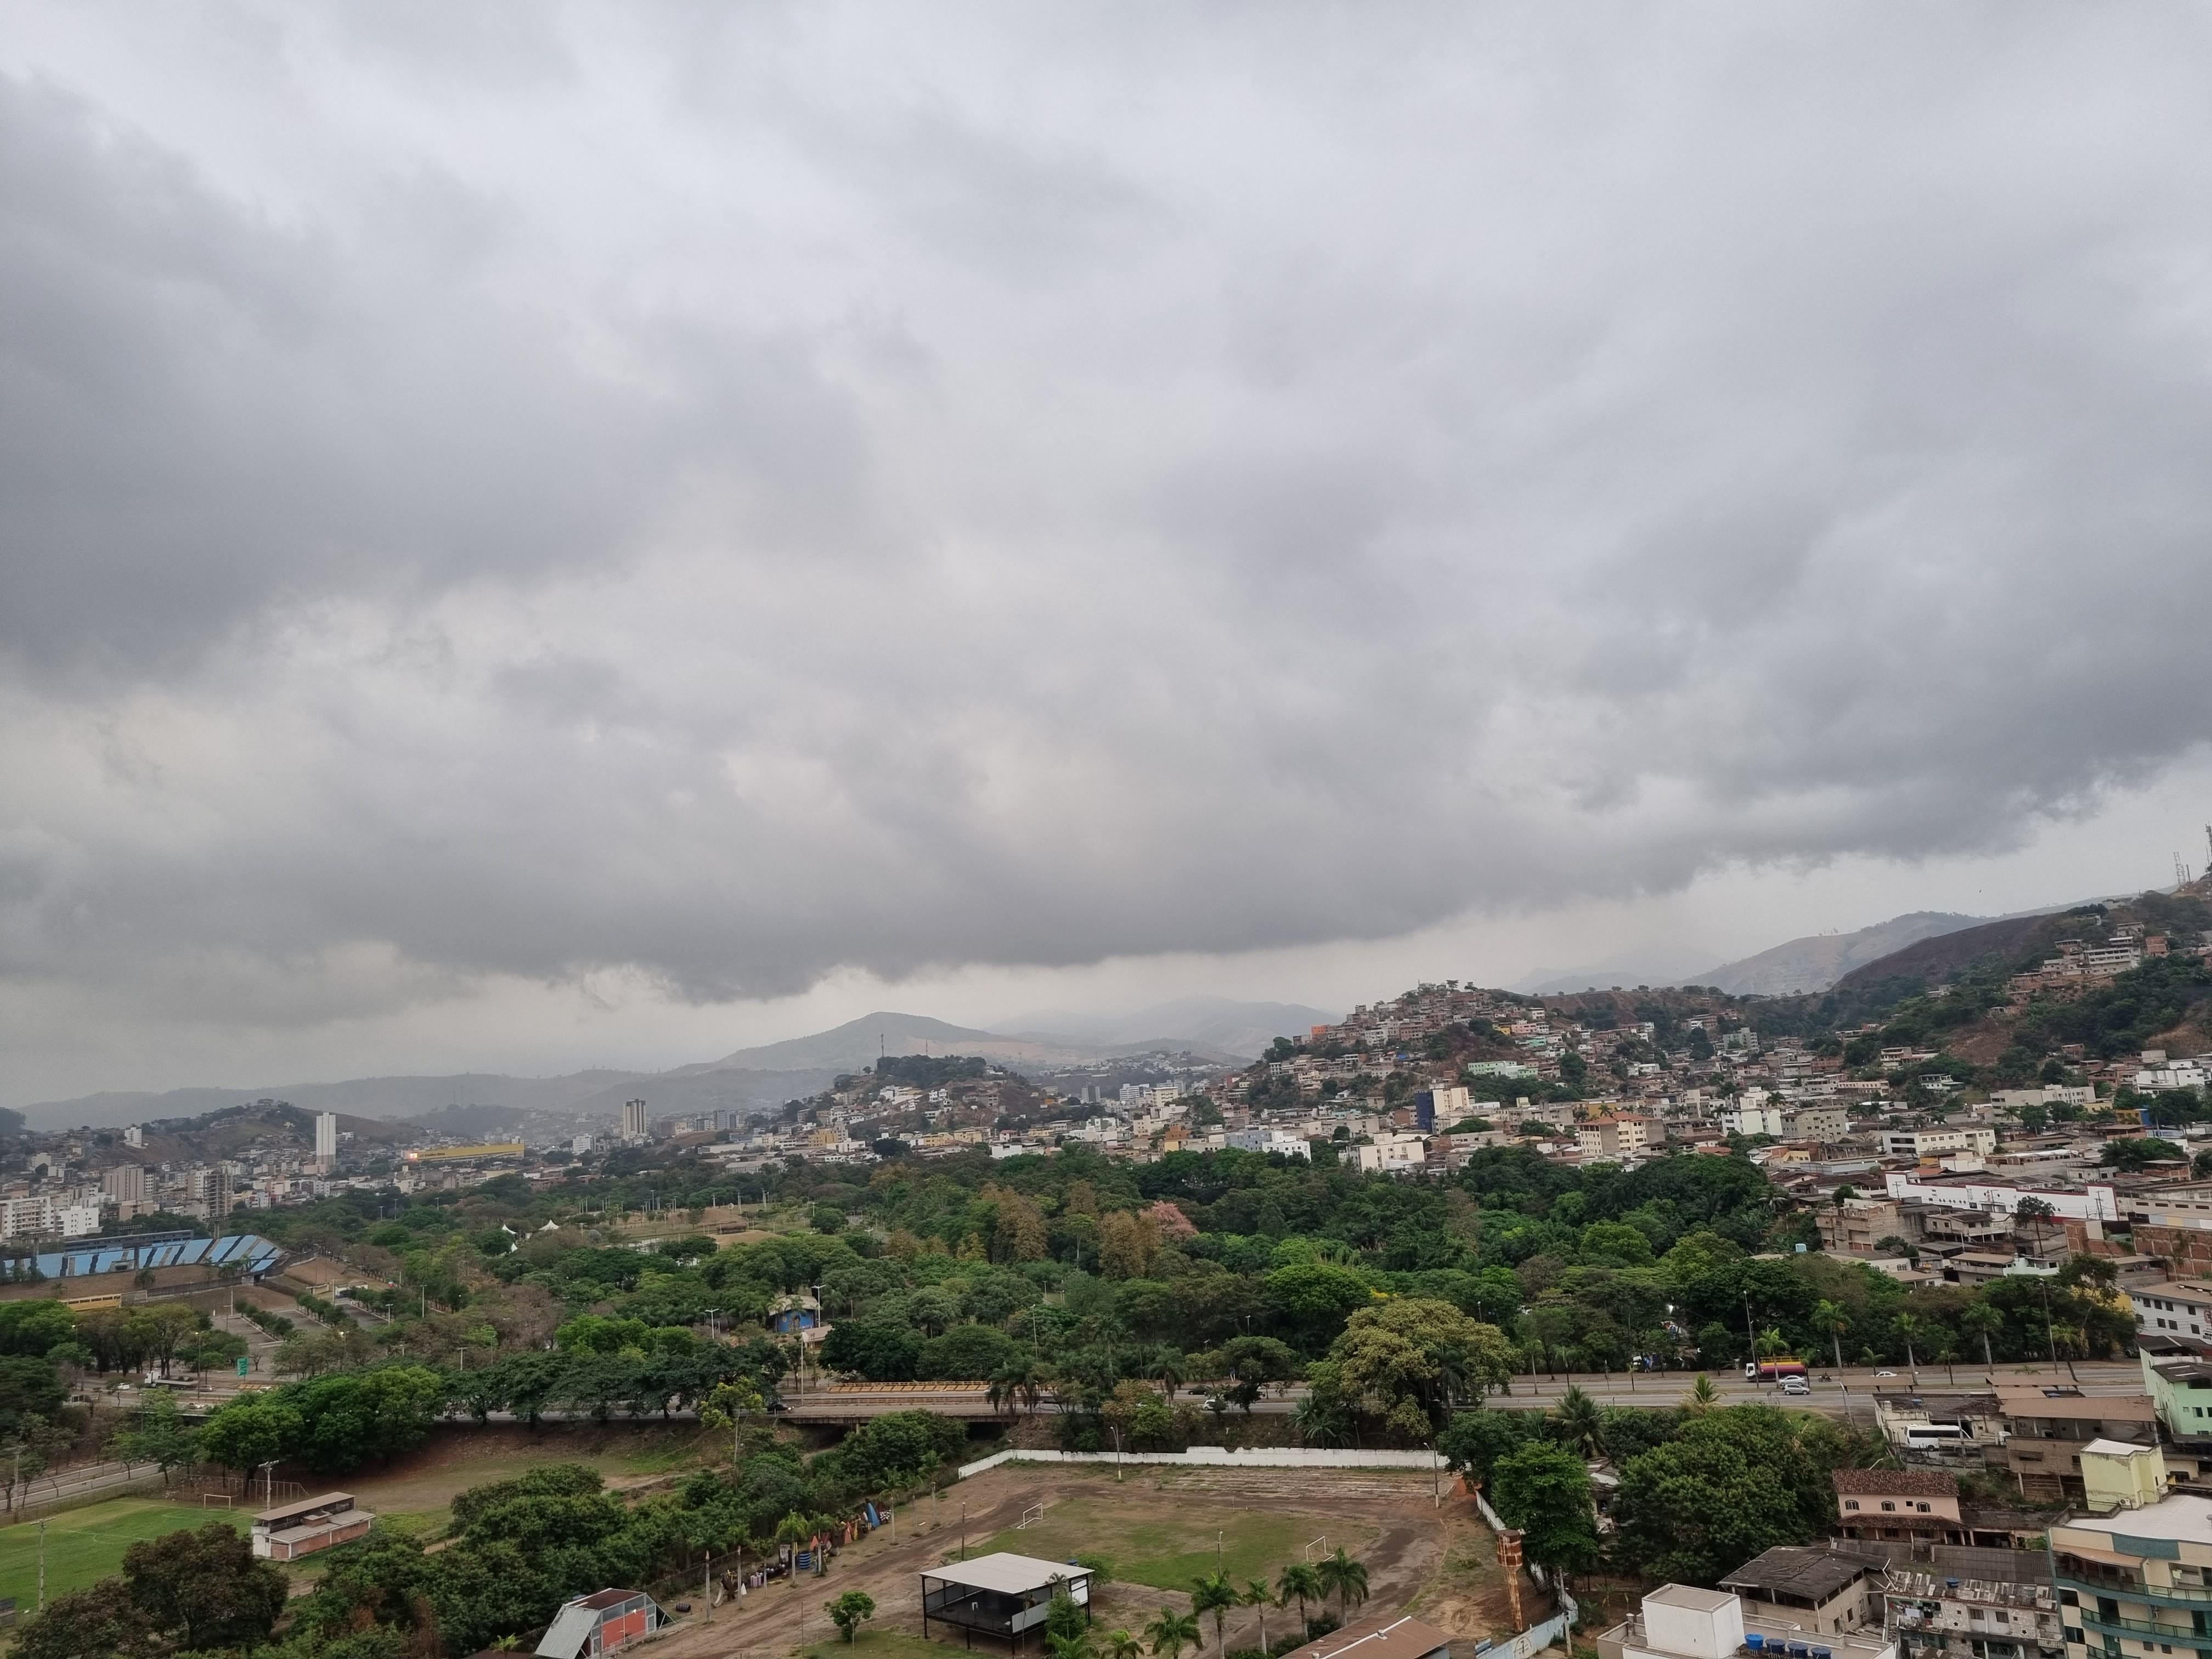 INMET alerta para chuvas intensas nos vales do Rio Doce, Mucuri e Jequitinhonha